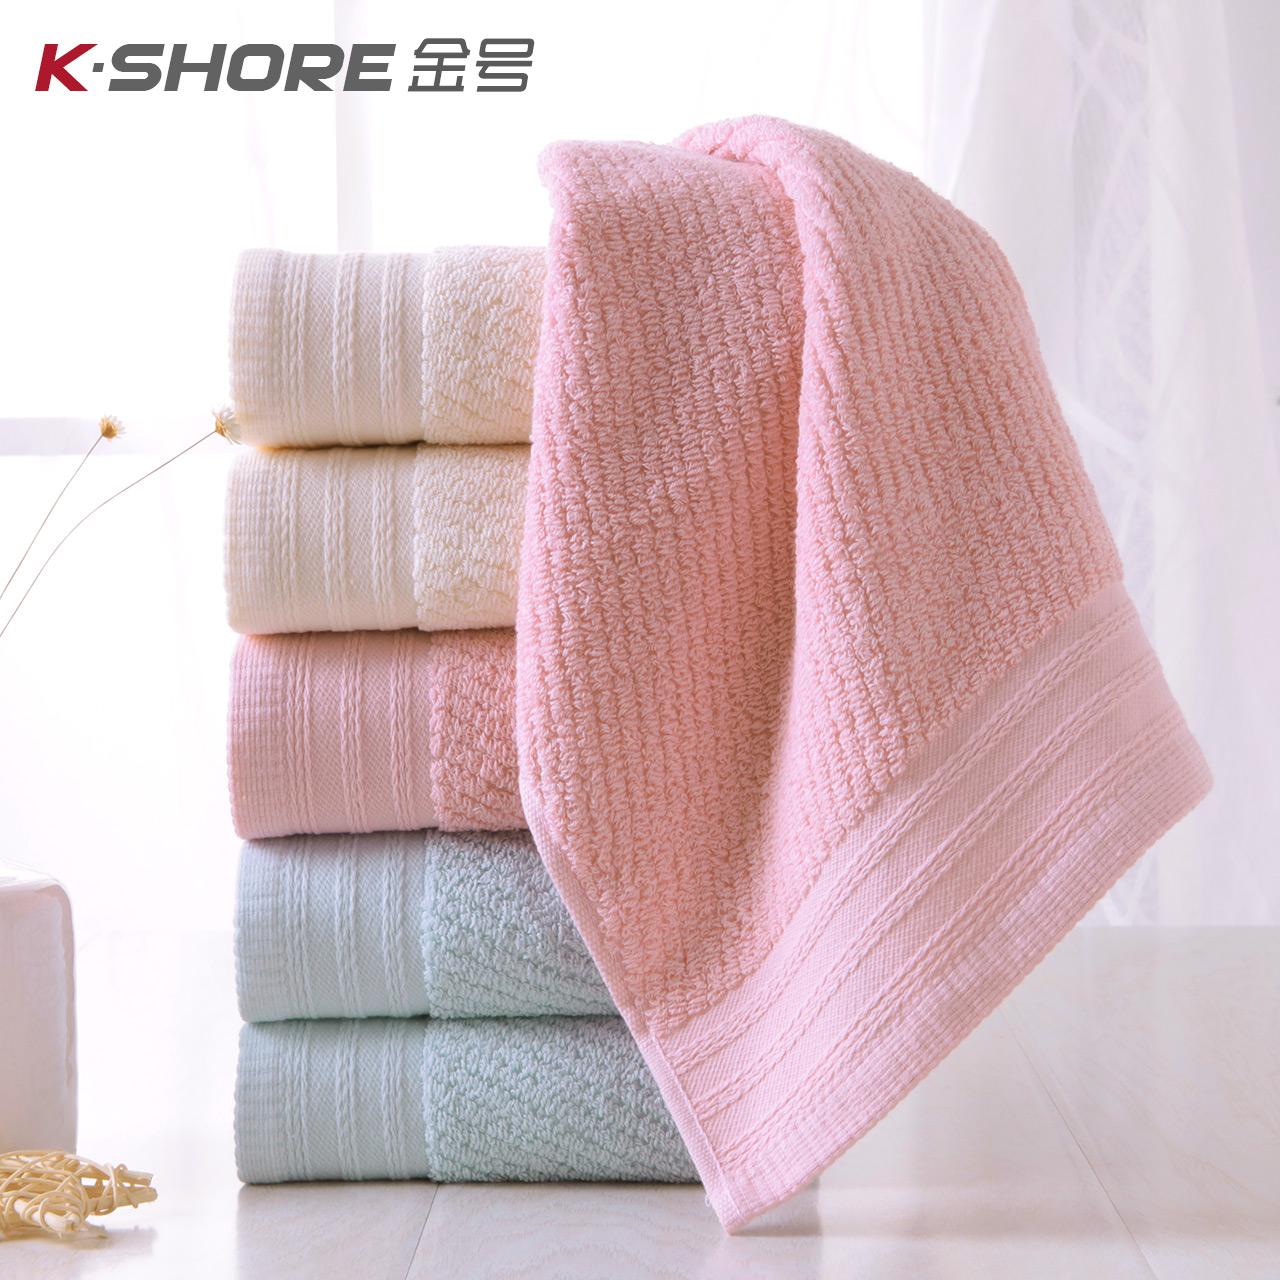 金號純棉毛巾六條裝 柔軟吸水 素色面巾 簡約大氣 加厚 包郵